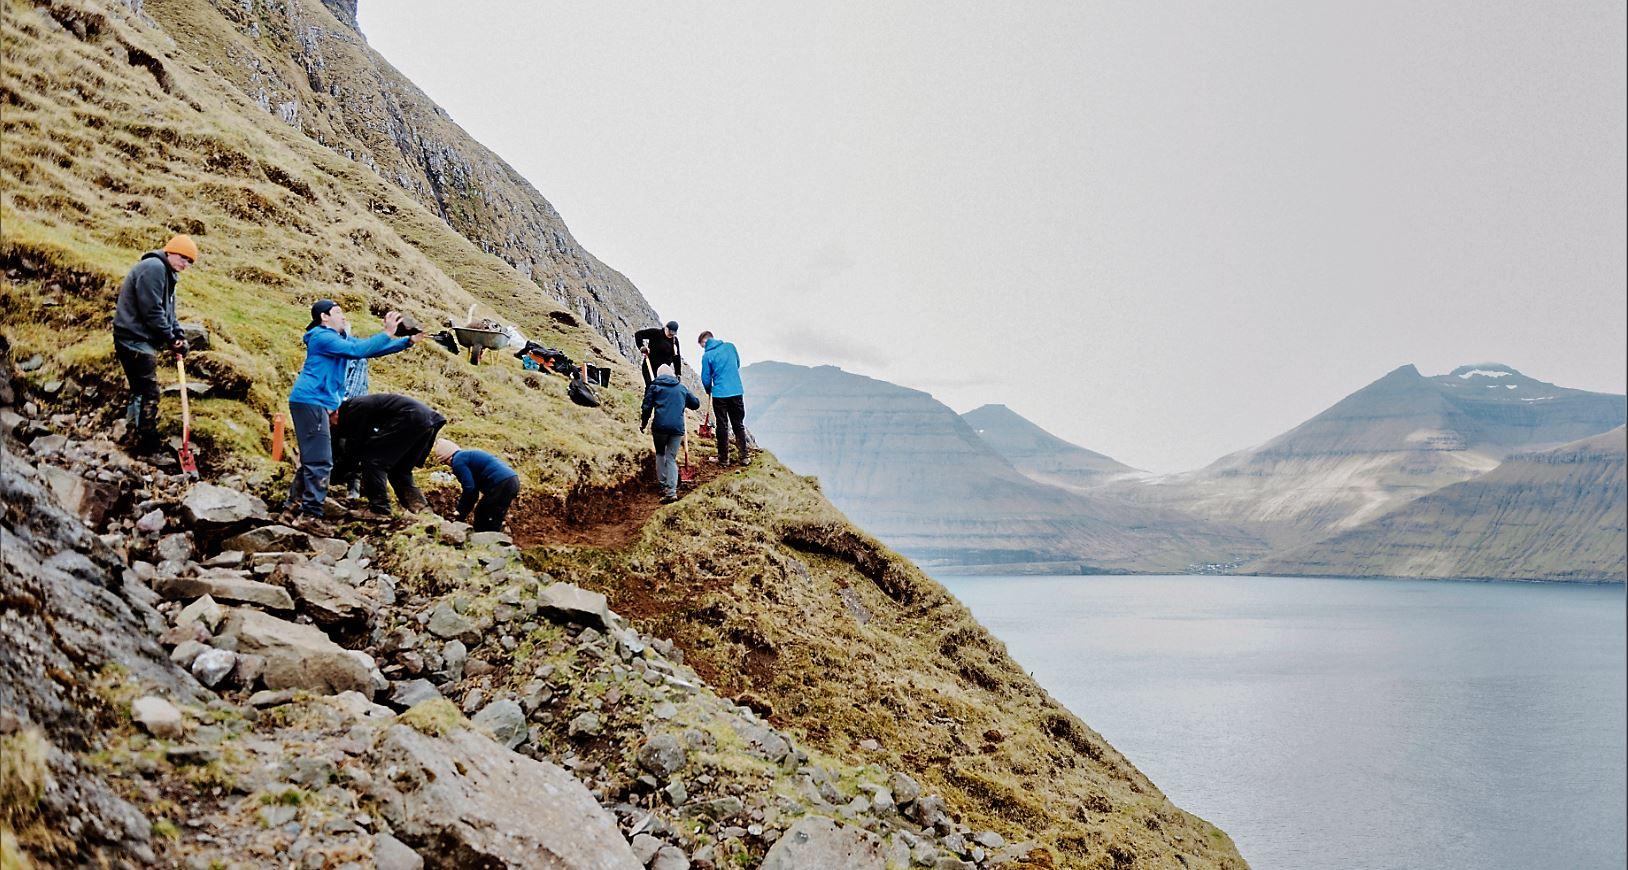 Lukker Færøerne for at få flere turister